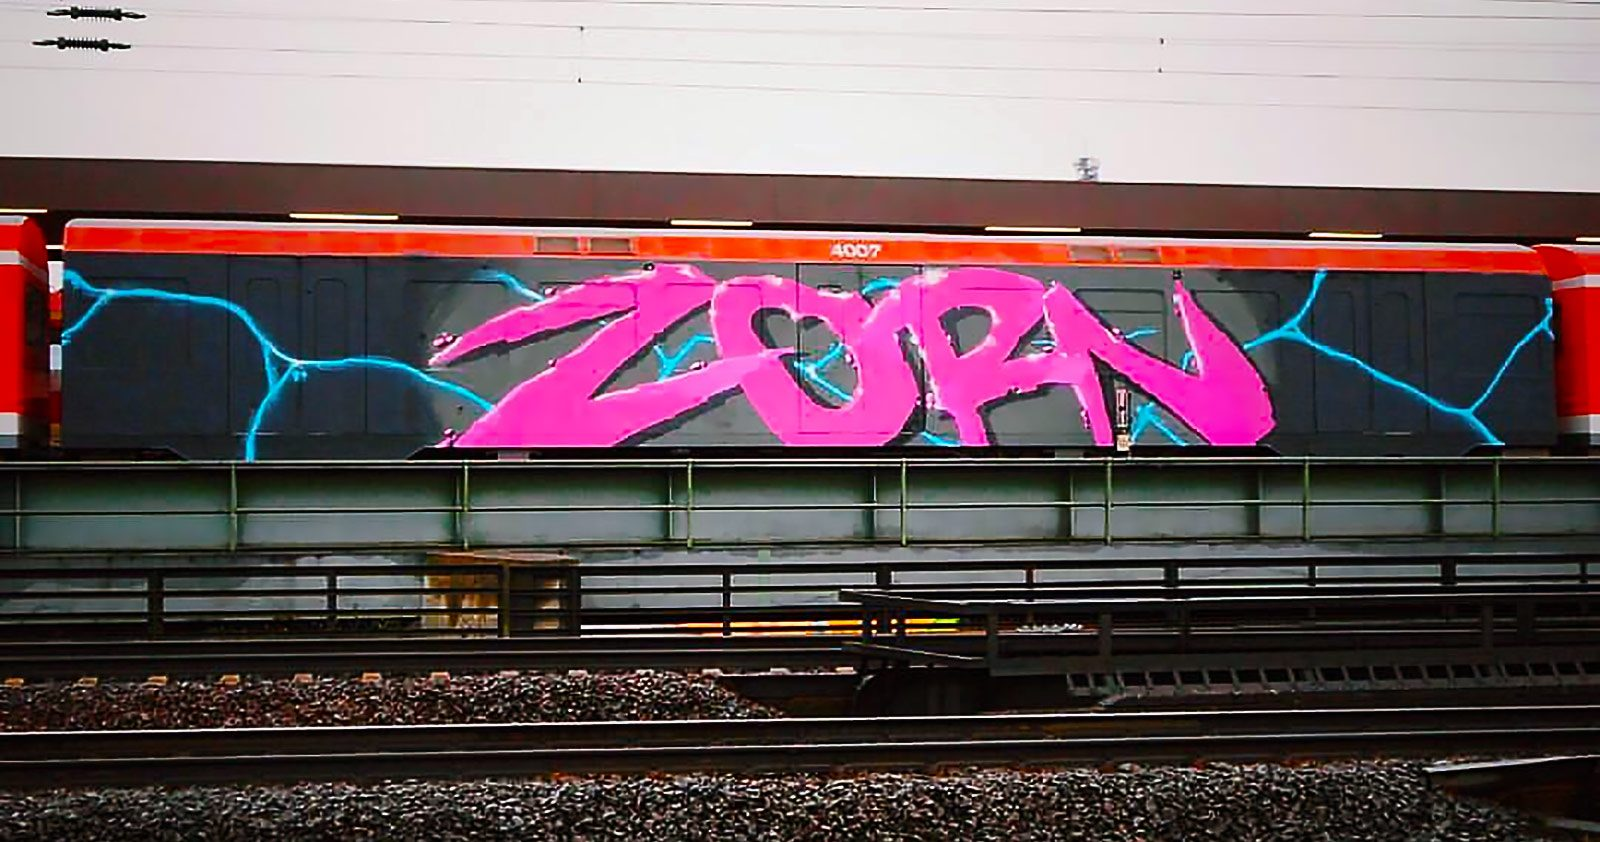 Depuis 1997, Zorn repeint Hambourg